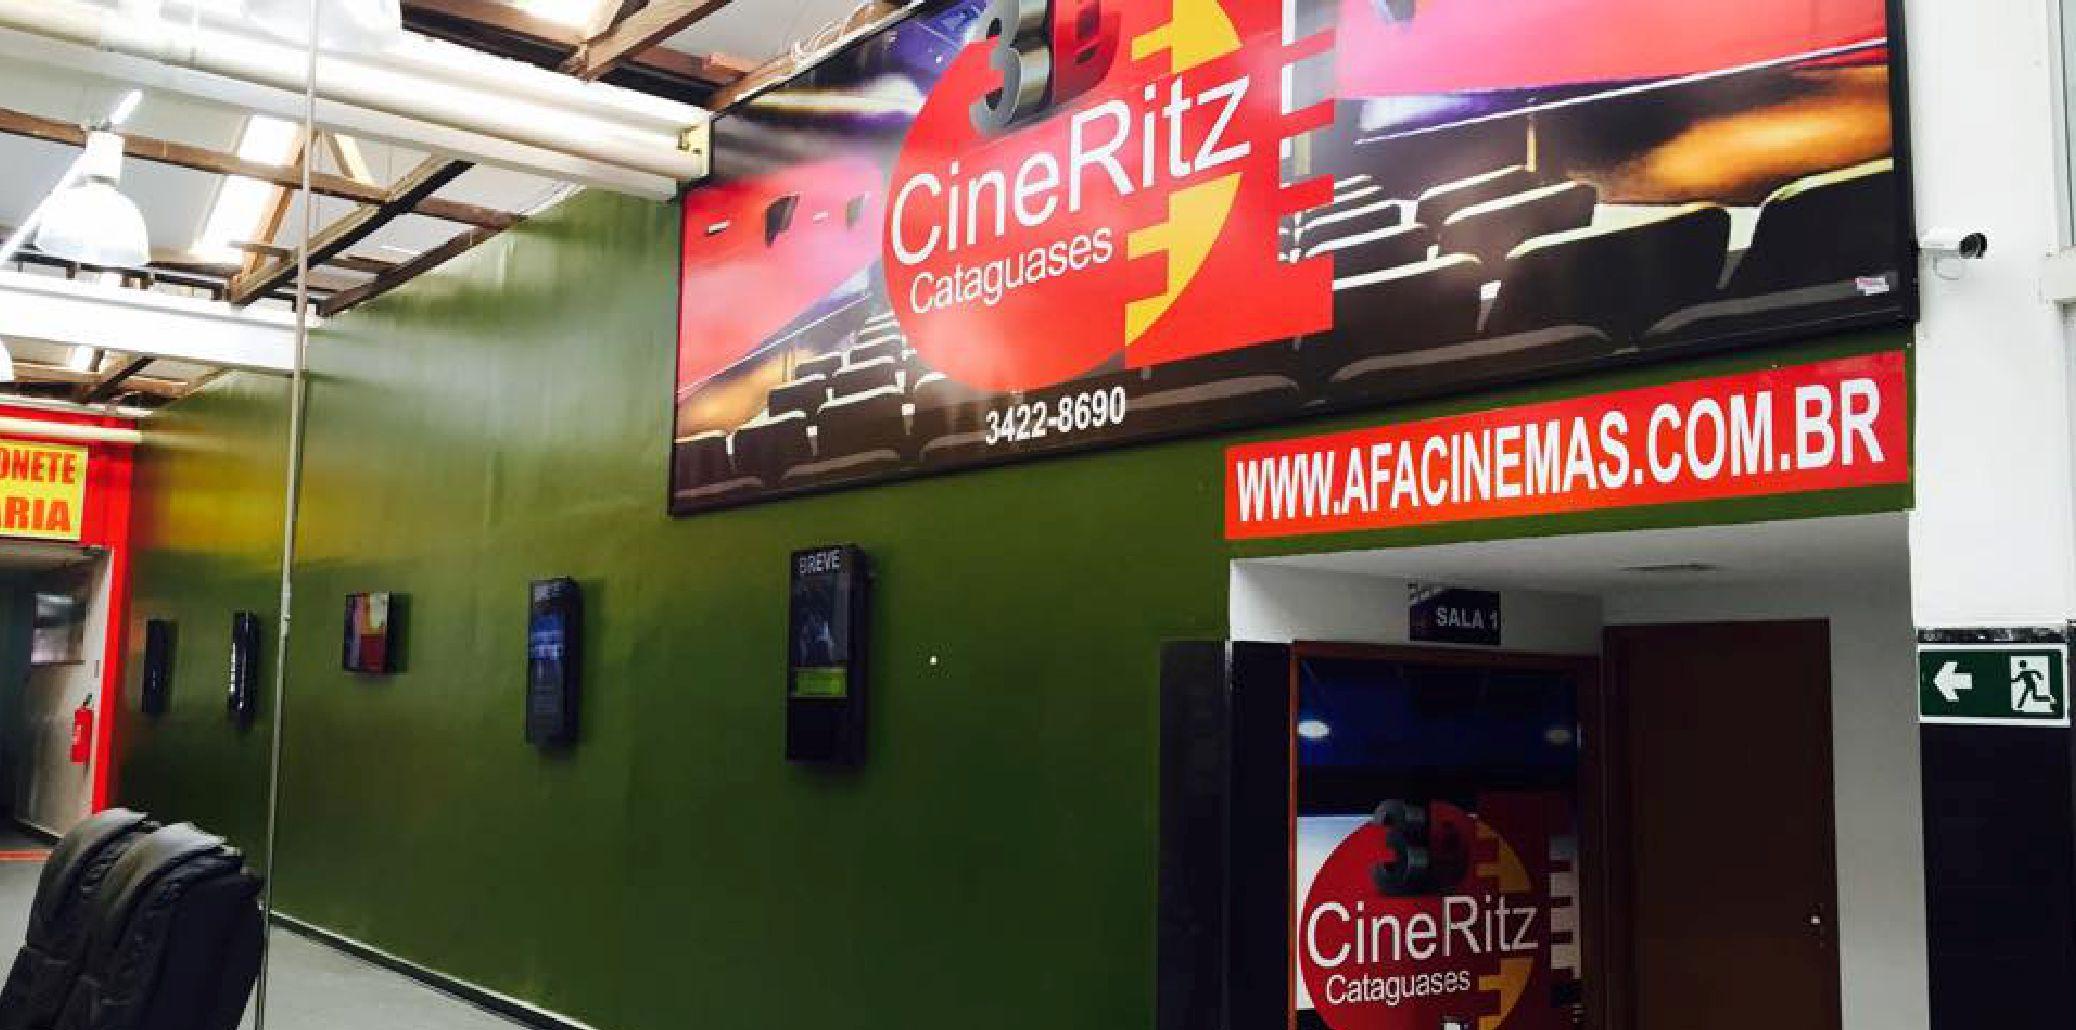 Circuito Cinemas : Afa cinemas u wikipédia a enciclopédia livre